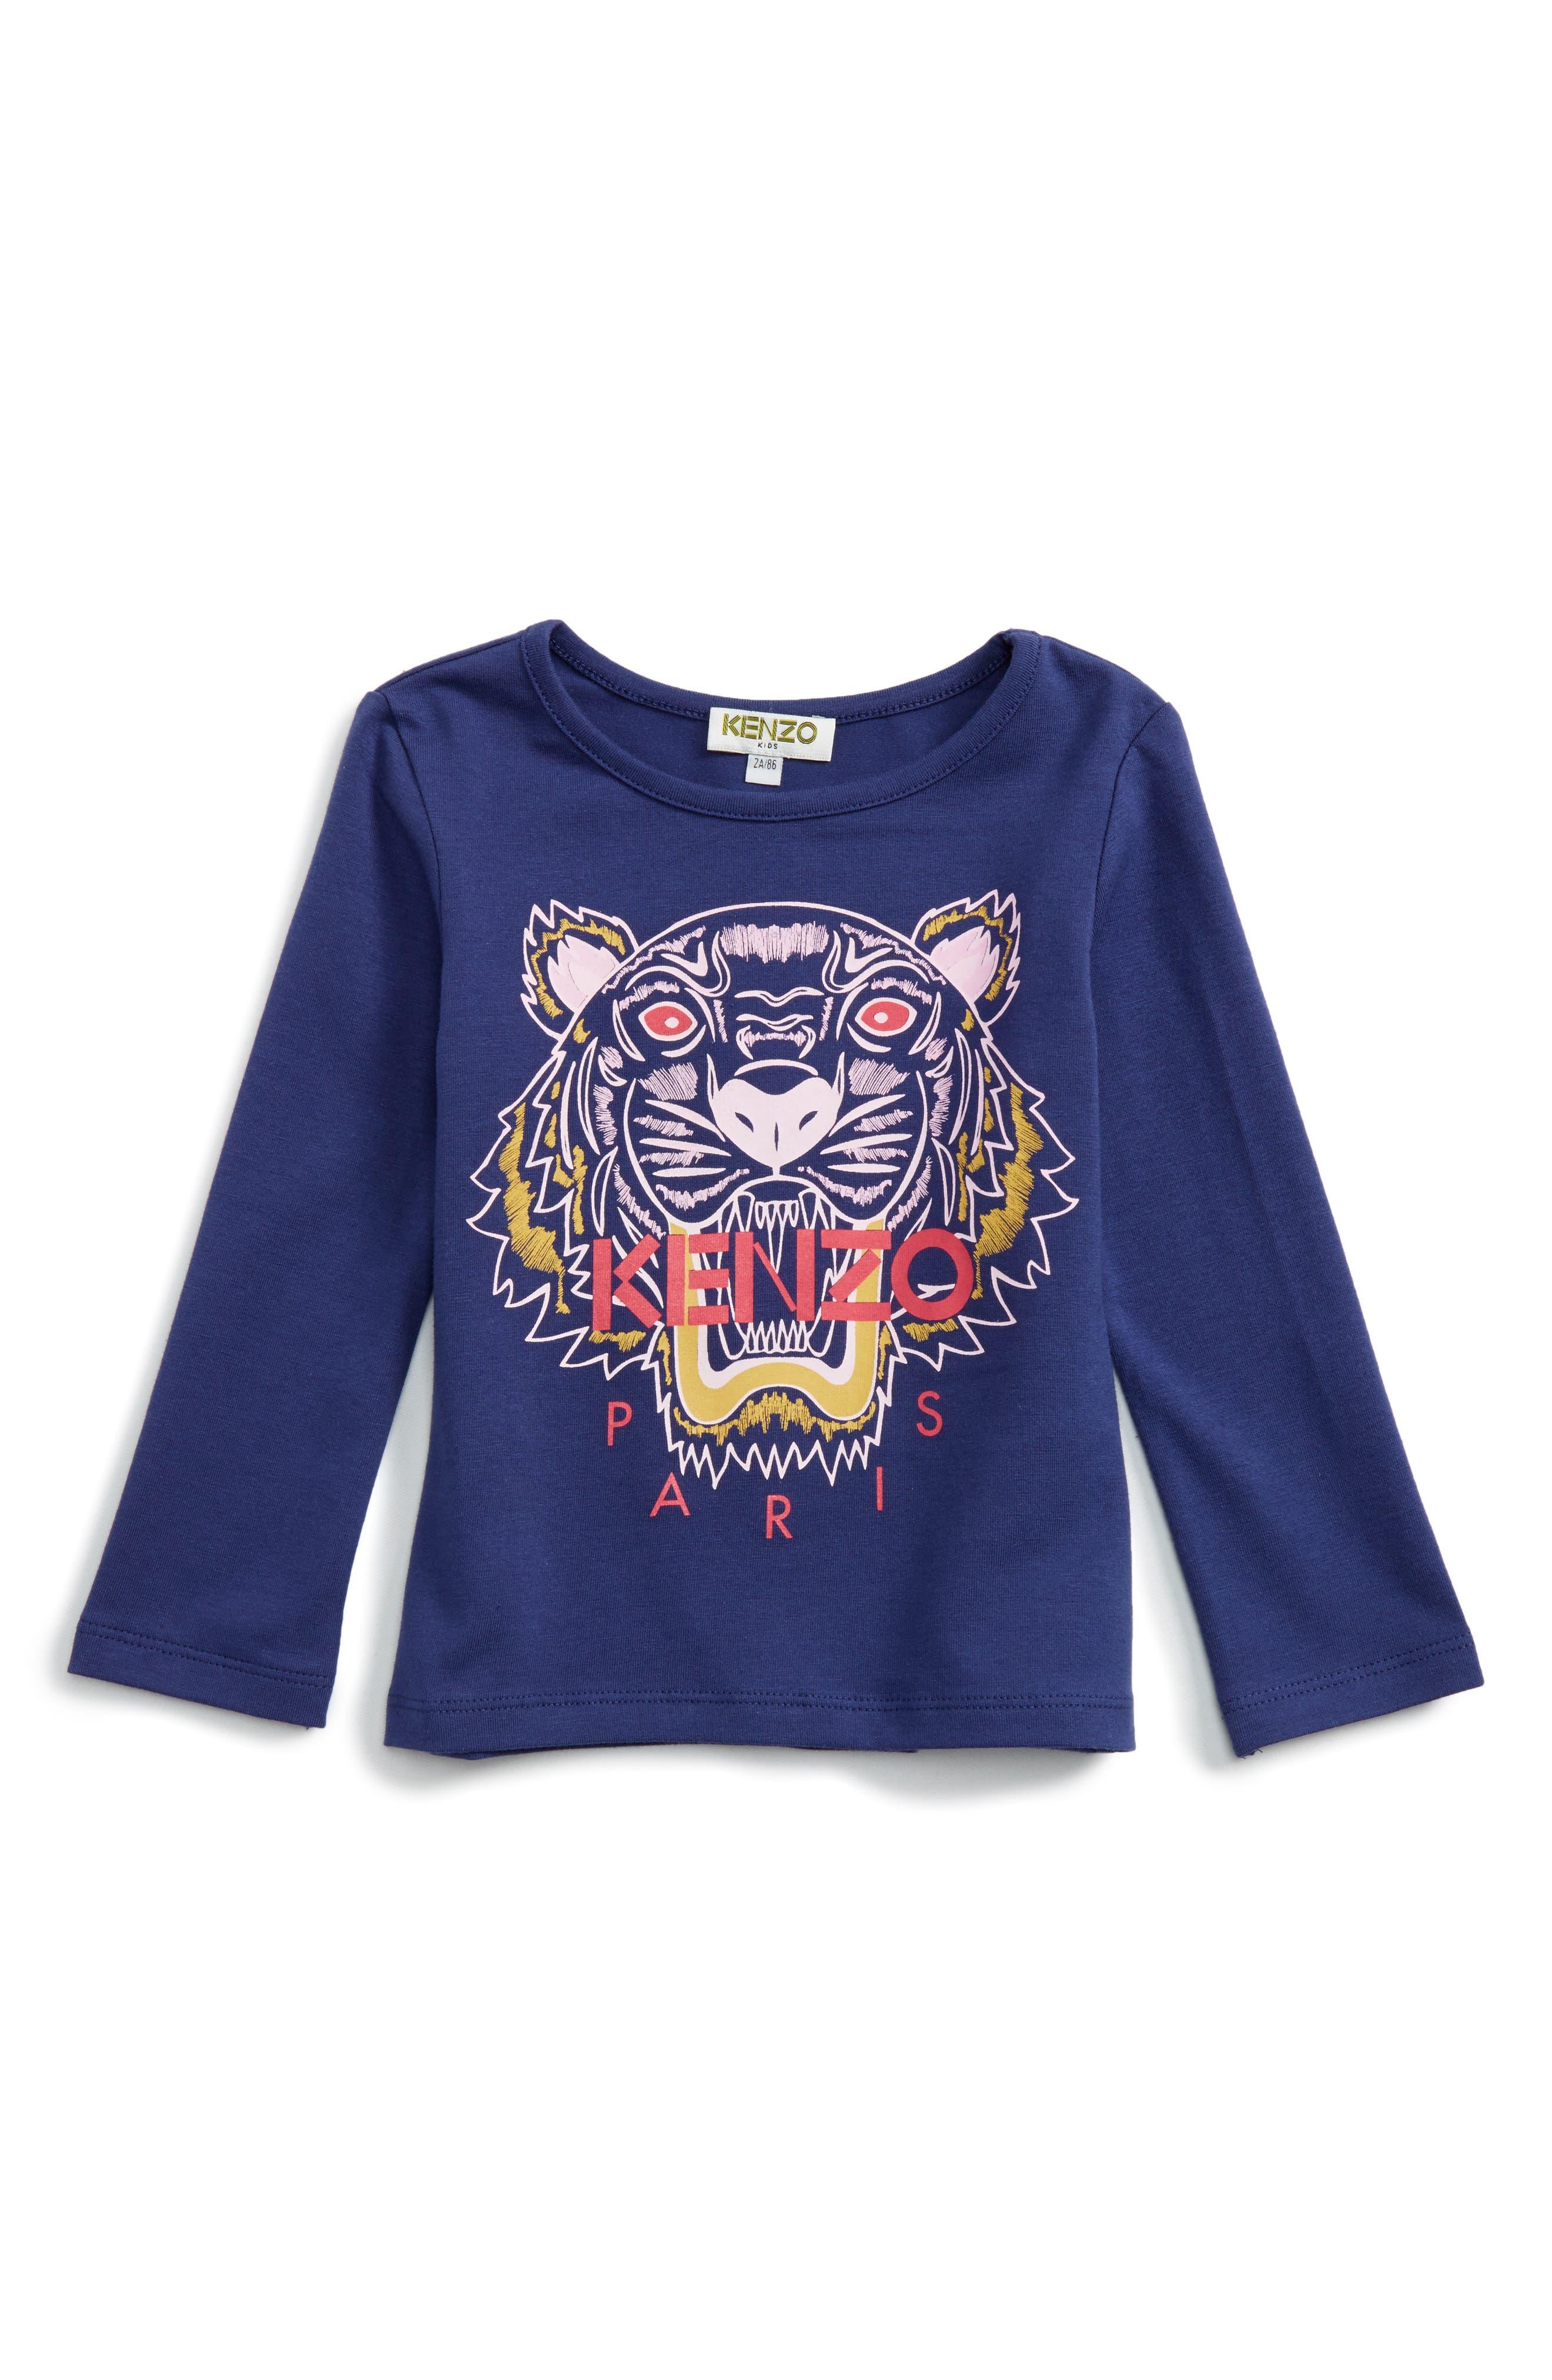 Alternate Image 1 Selected - KENZO Tiger Tee (Toddler Girls, Little Girls & Big Girls)